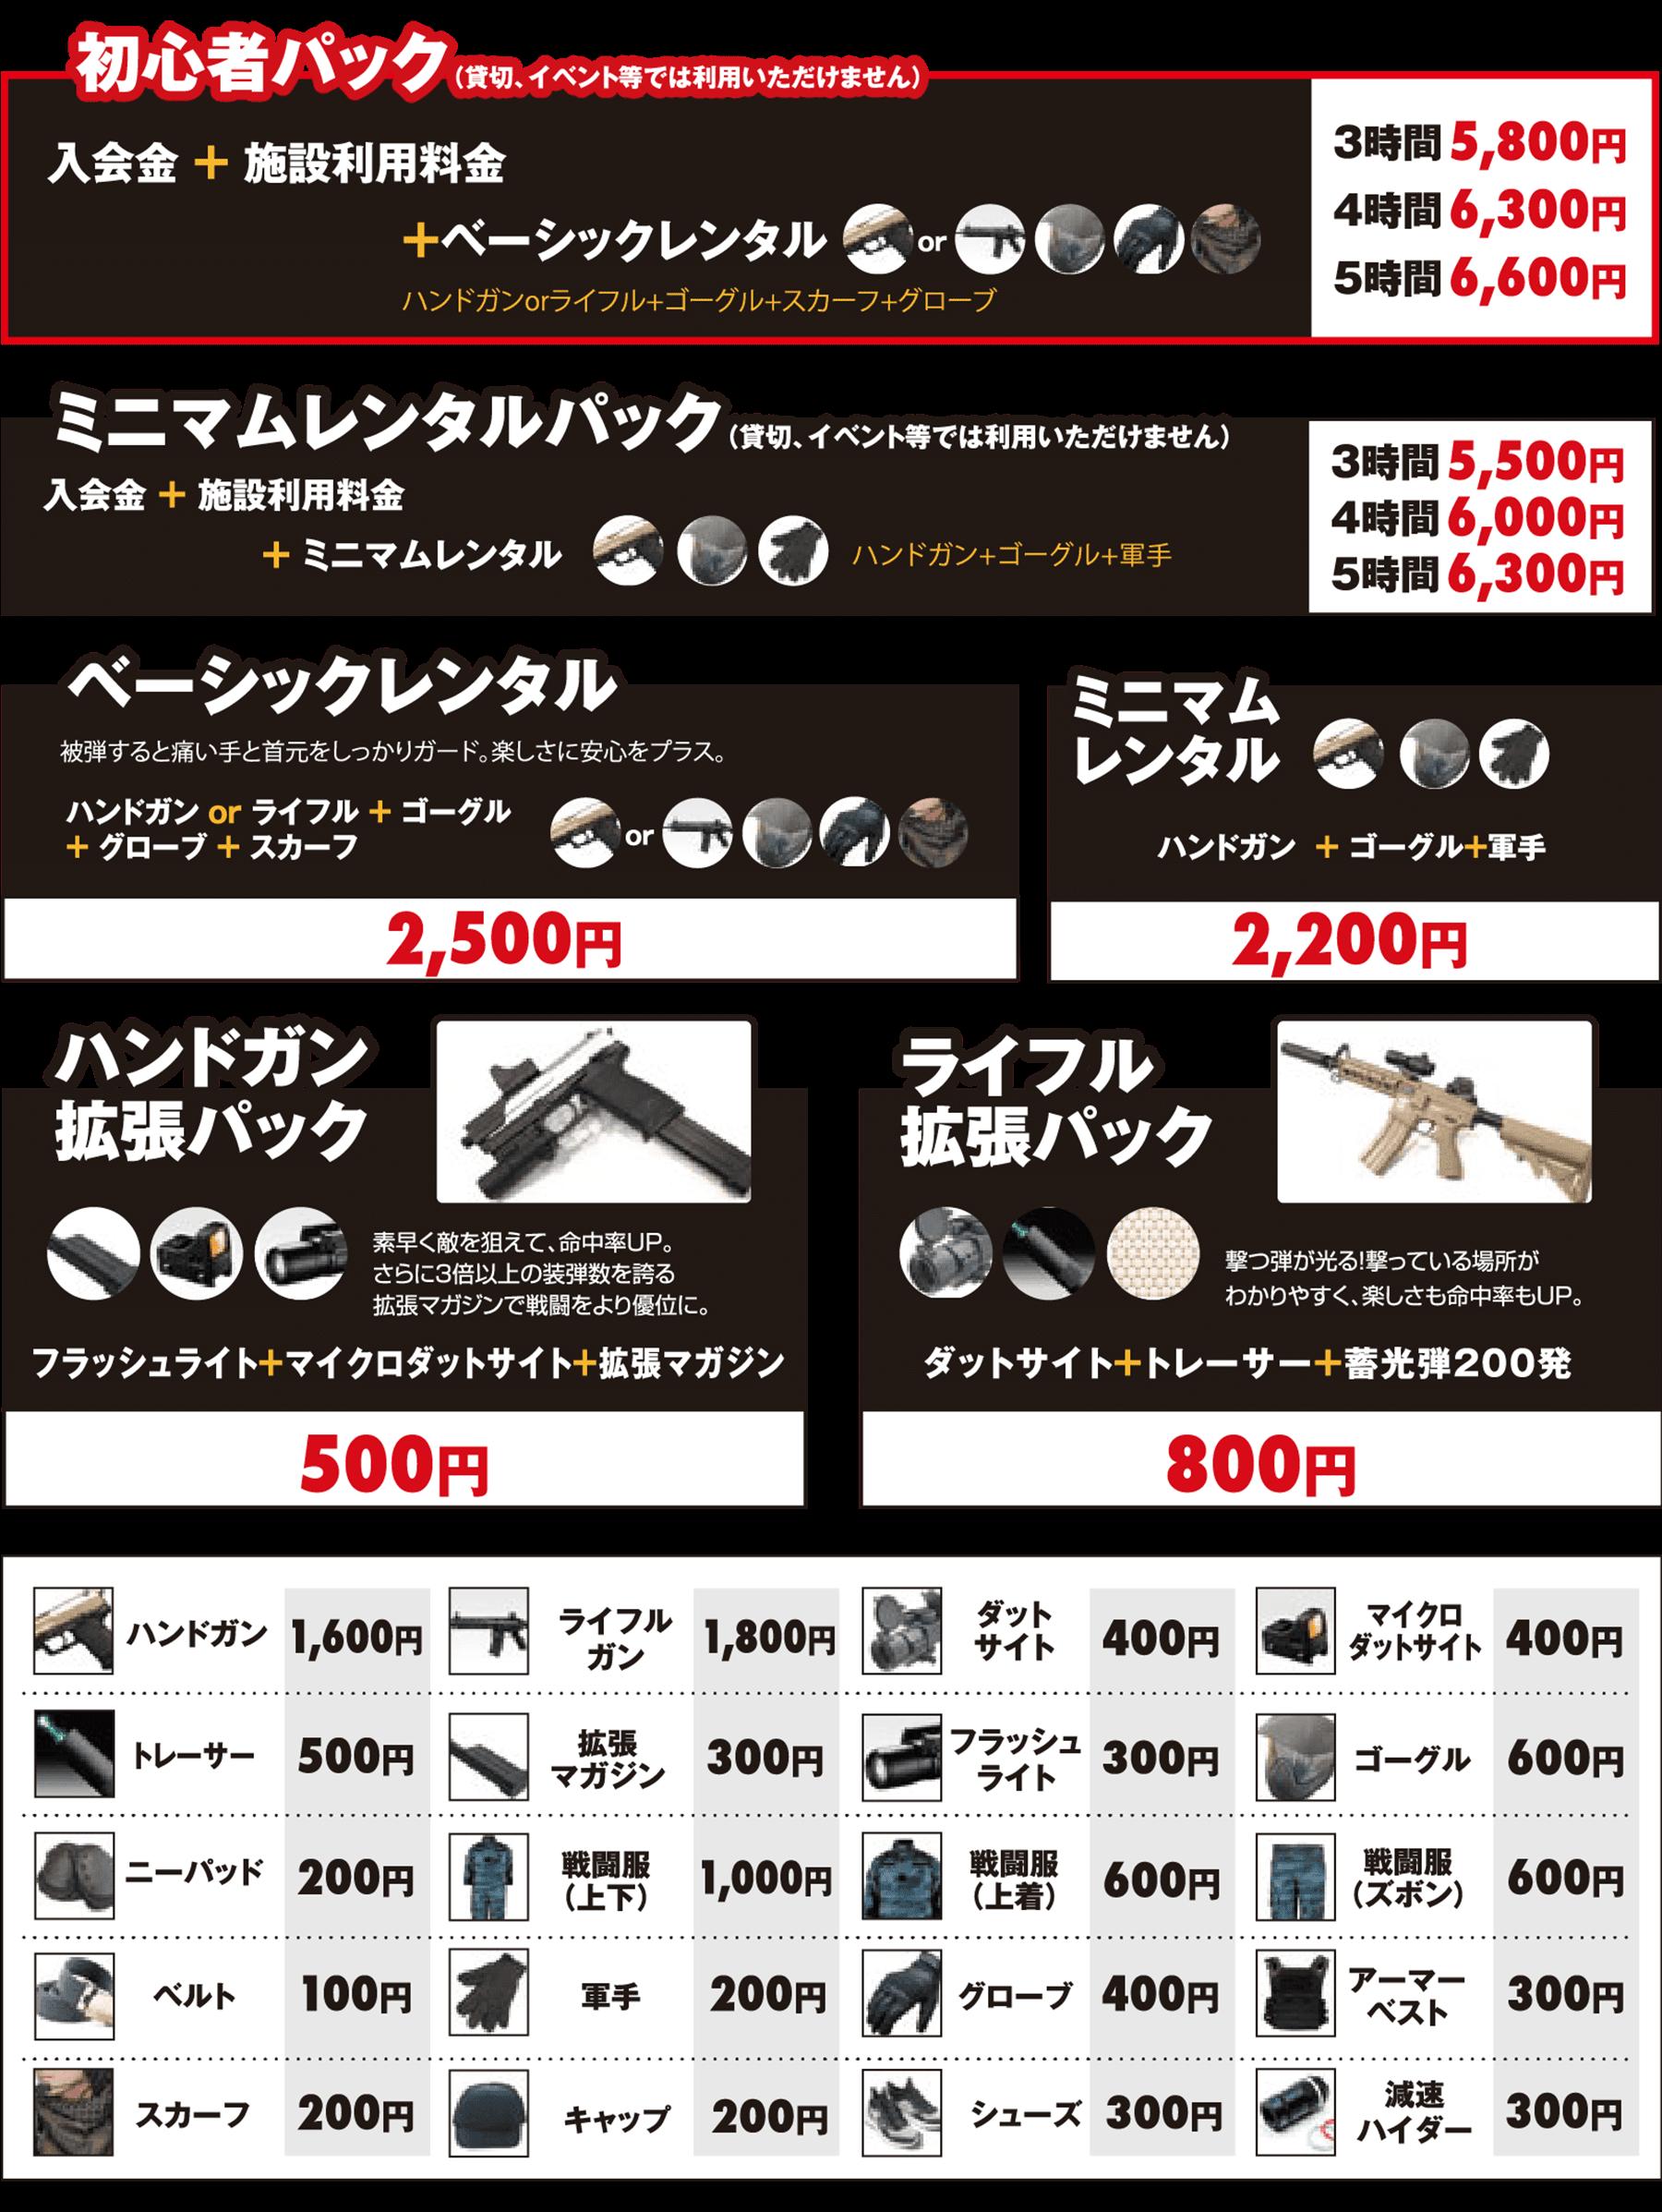 名古屋でサバイバルゲームをするならBrave Point 名古屋店 | レンタル案内